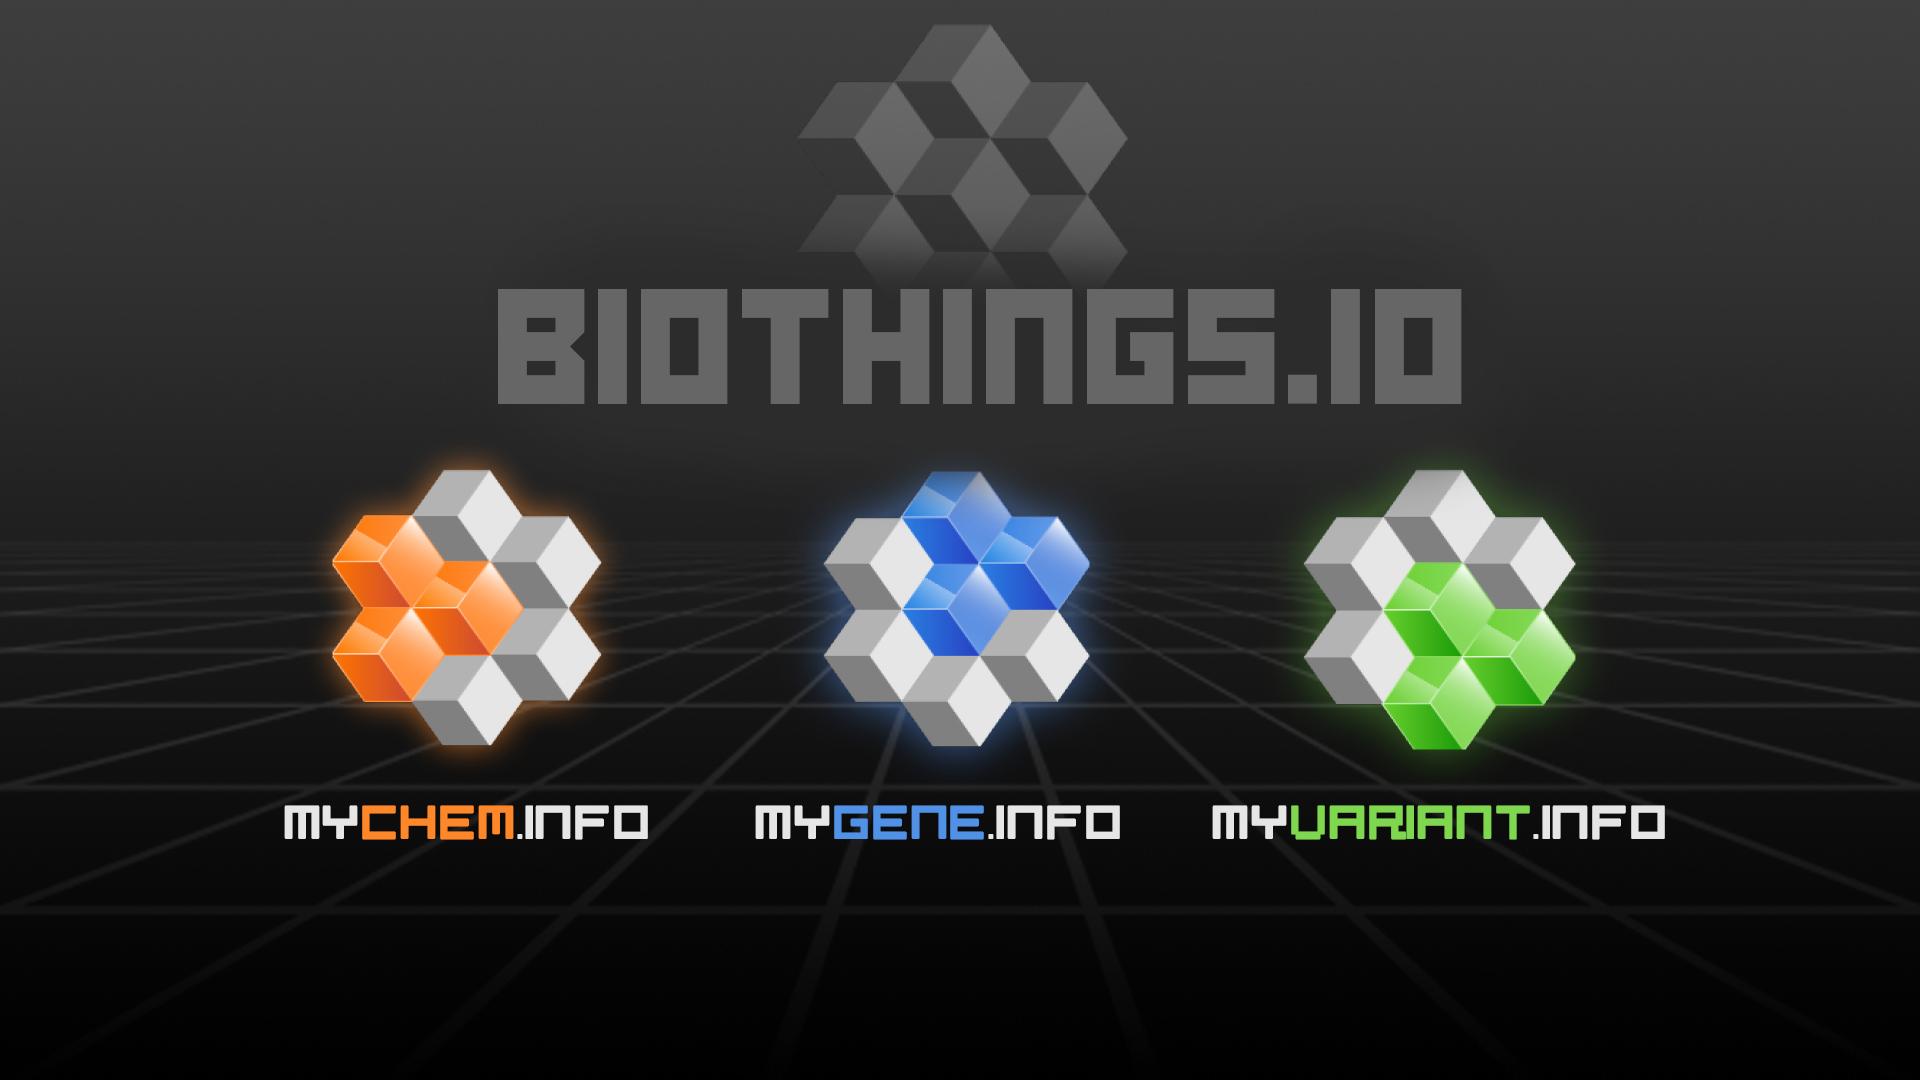 logos_biothings